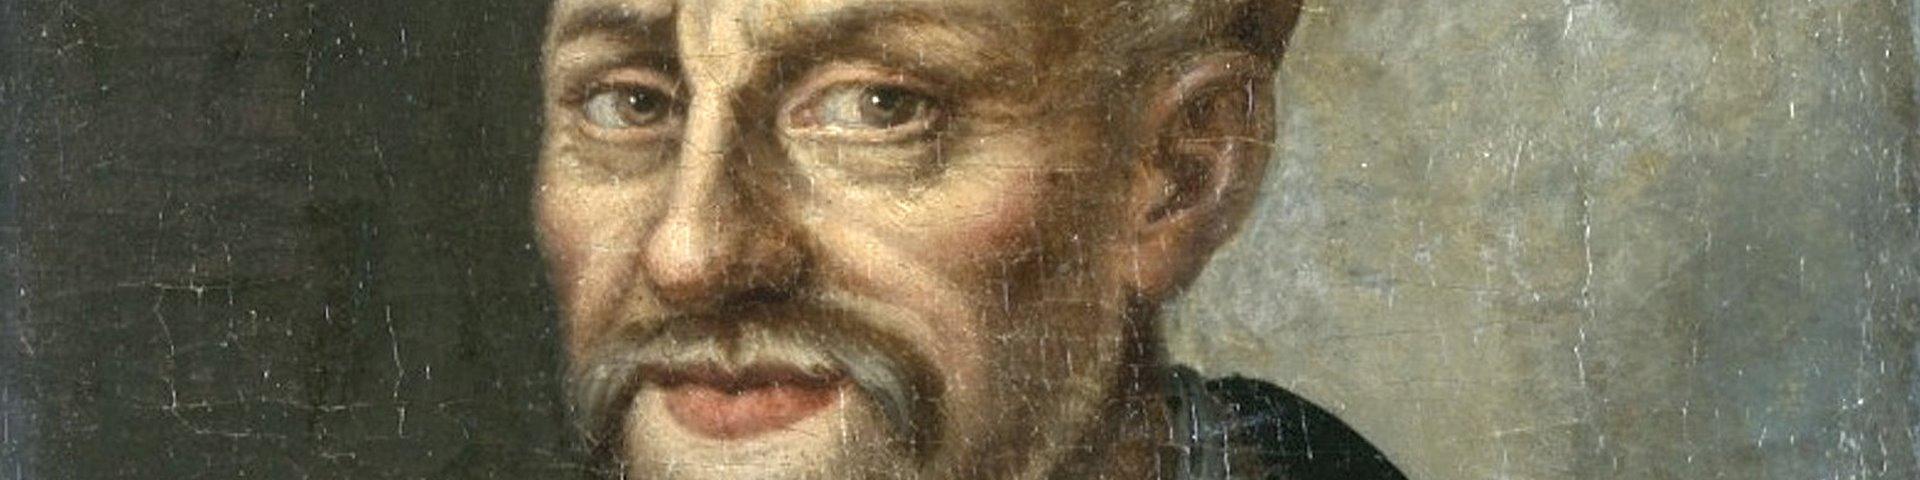 François Rabelais: un gran autor desconocido